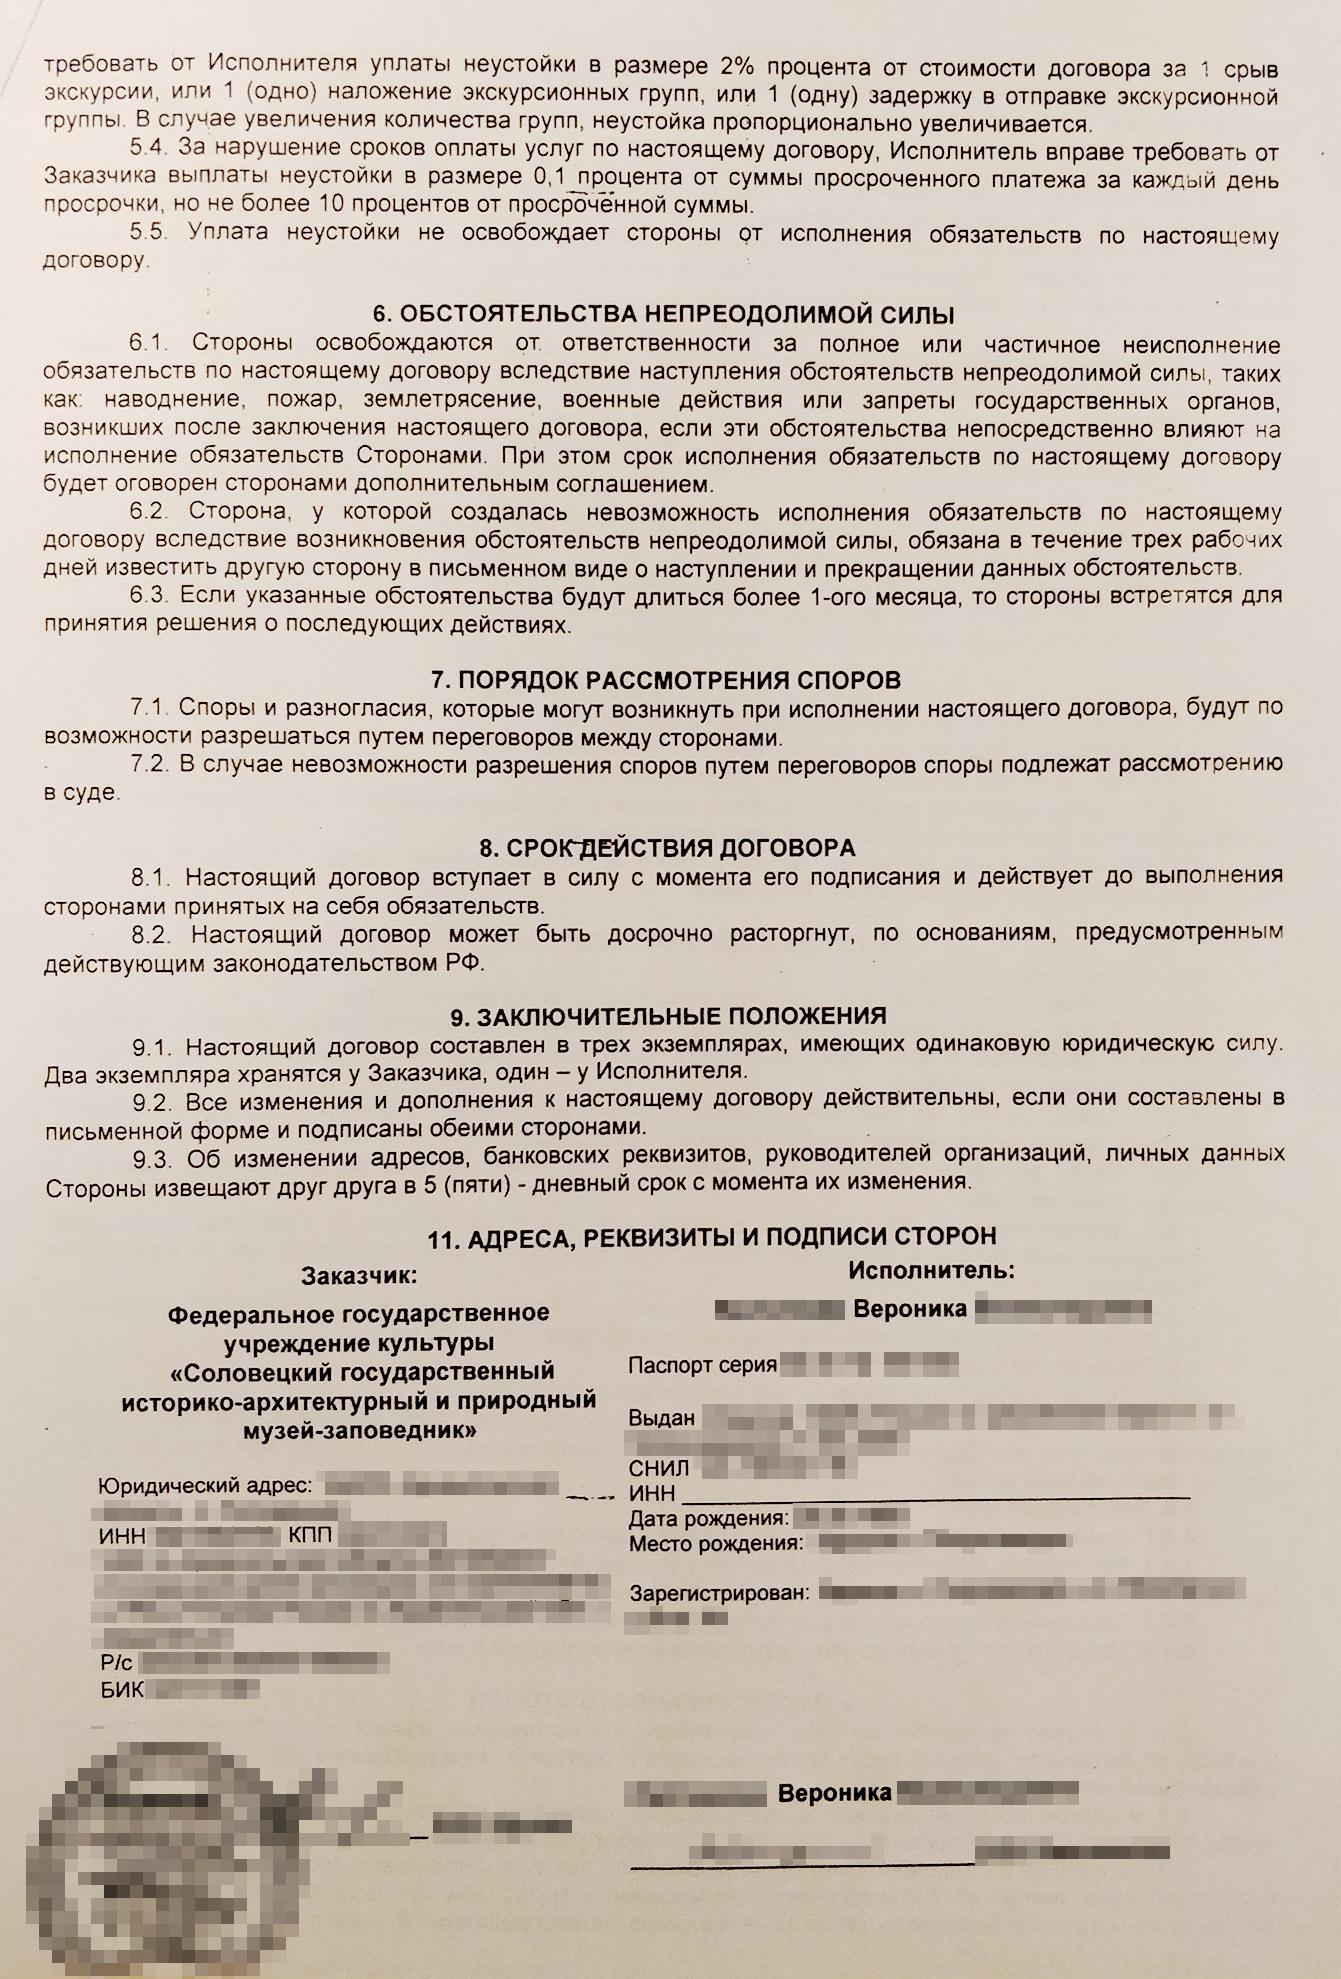 Такой договор я подписала с музеем в2010году. Говорят, теперь он слегка изменился: внего добавили пункты оперсональных данных и что-то еще помелочи